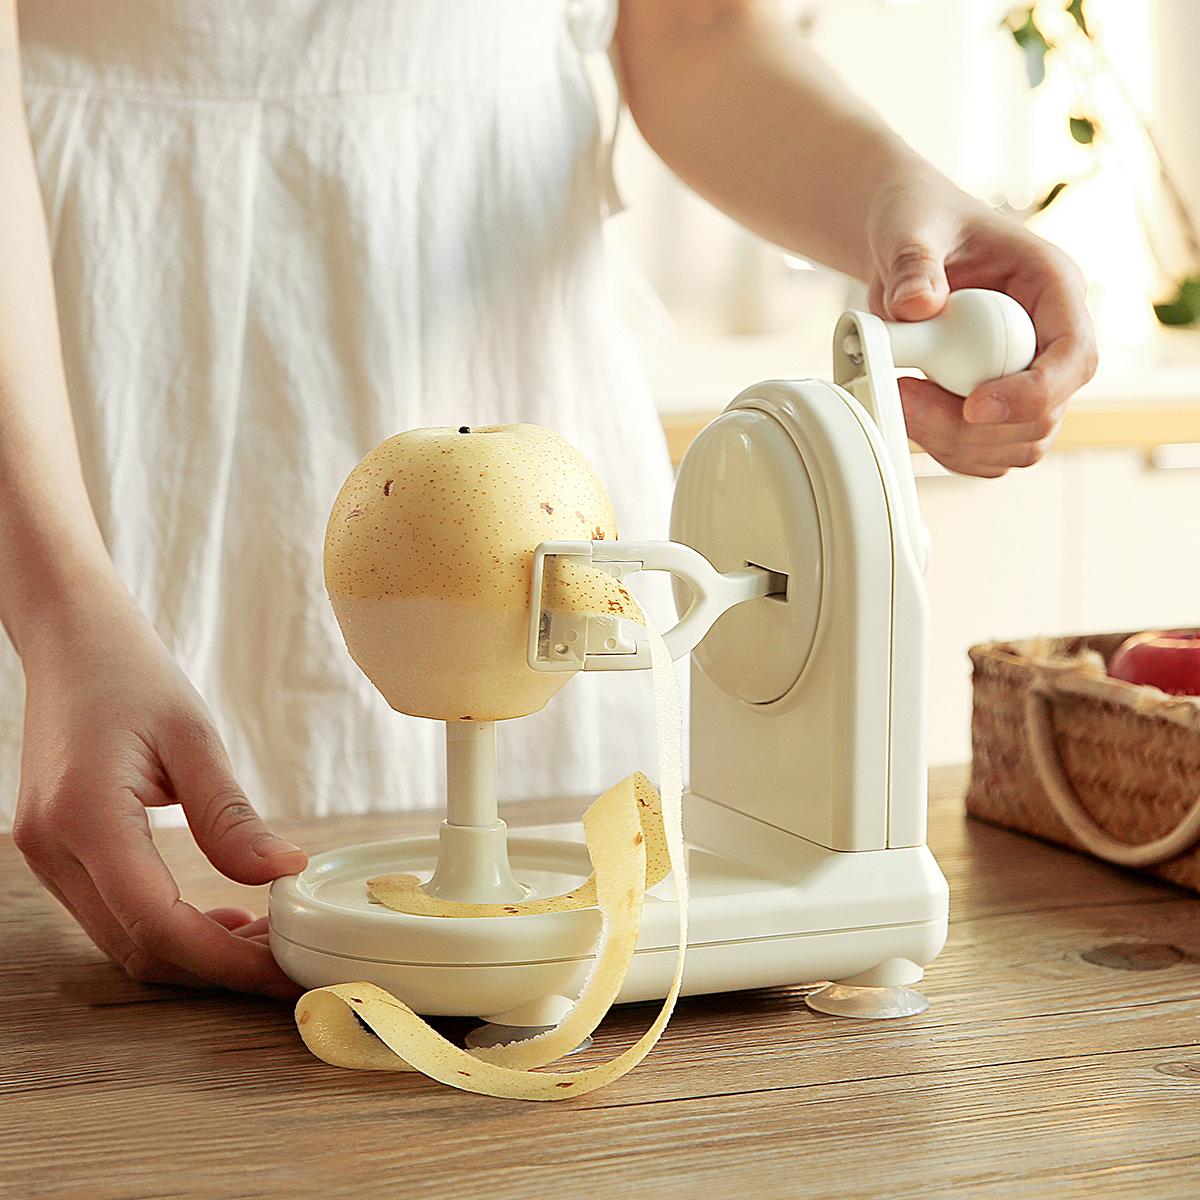 日本多功能削皮機蘋果削皮器快速去水果皮器削梨皮手搖水果削皮刀